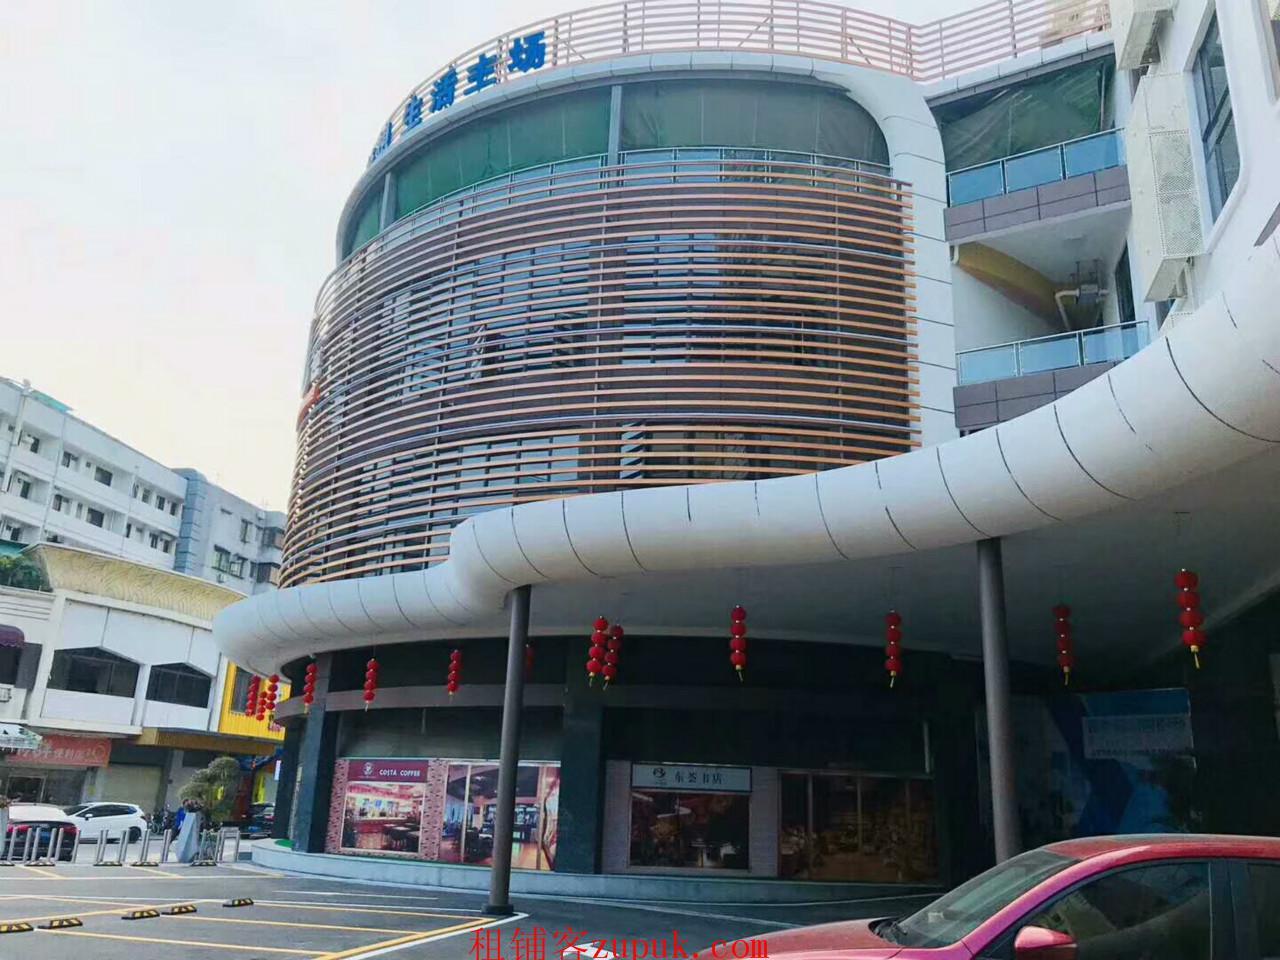 番禺广场地铁口 番禺大厦旁1千方临街旺铺出租 欢迎中西餐饮